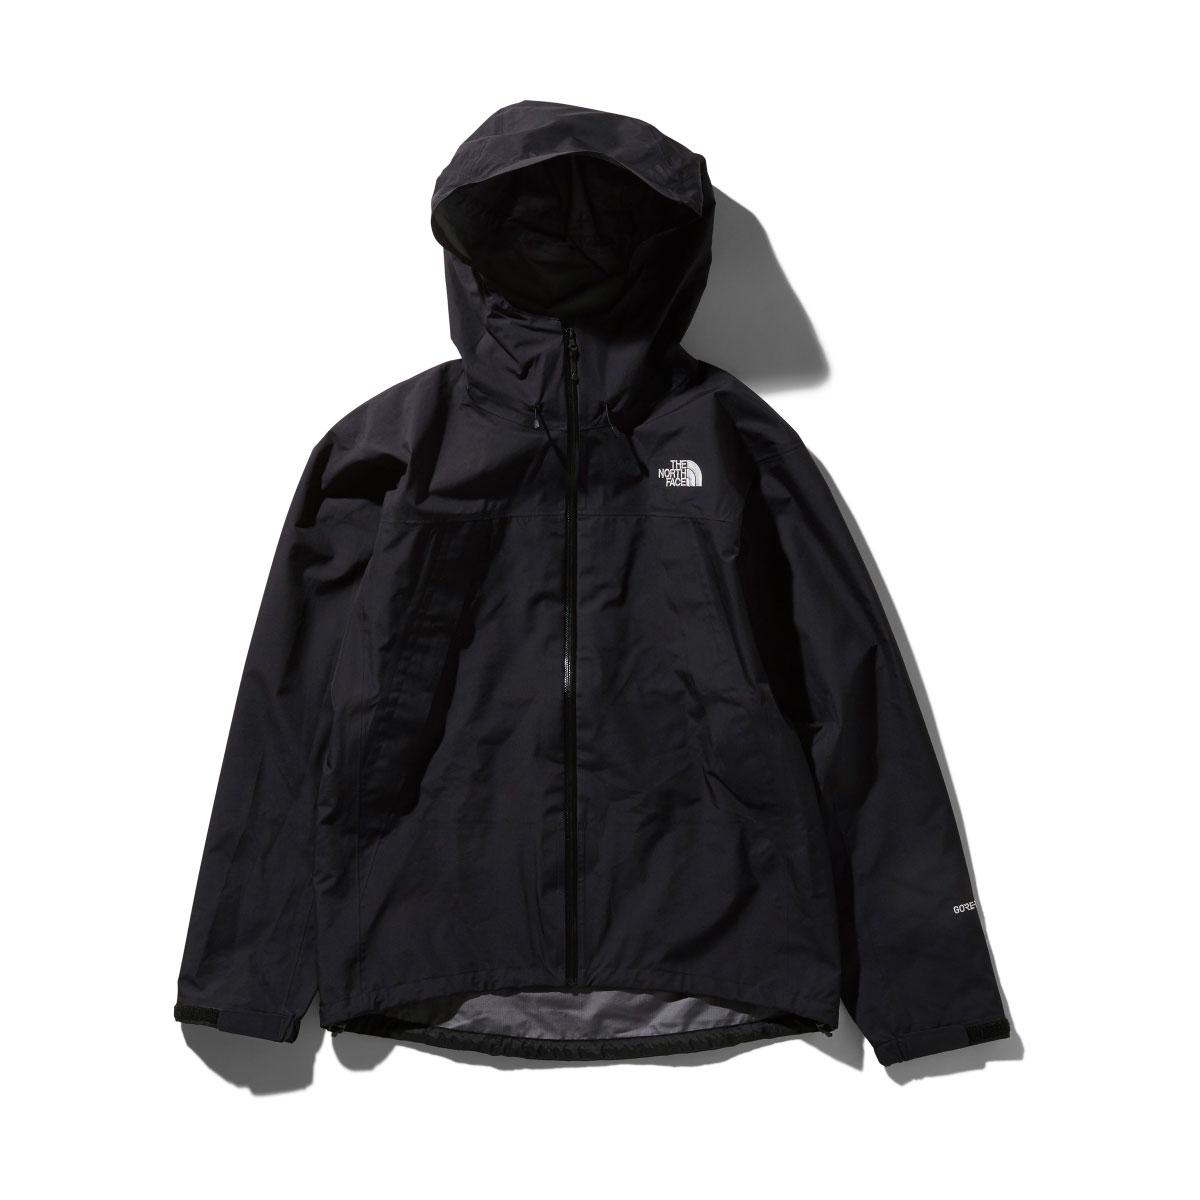 THE NORTH FACE CLIMB LIGHT JACKET (ザ・ノース・フェイス クライム ライト ジャケット)ブラック2【メンズ ジャケット】19SS-I